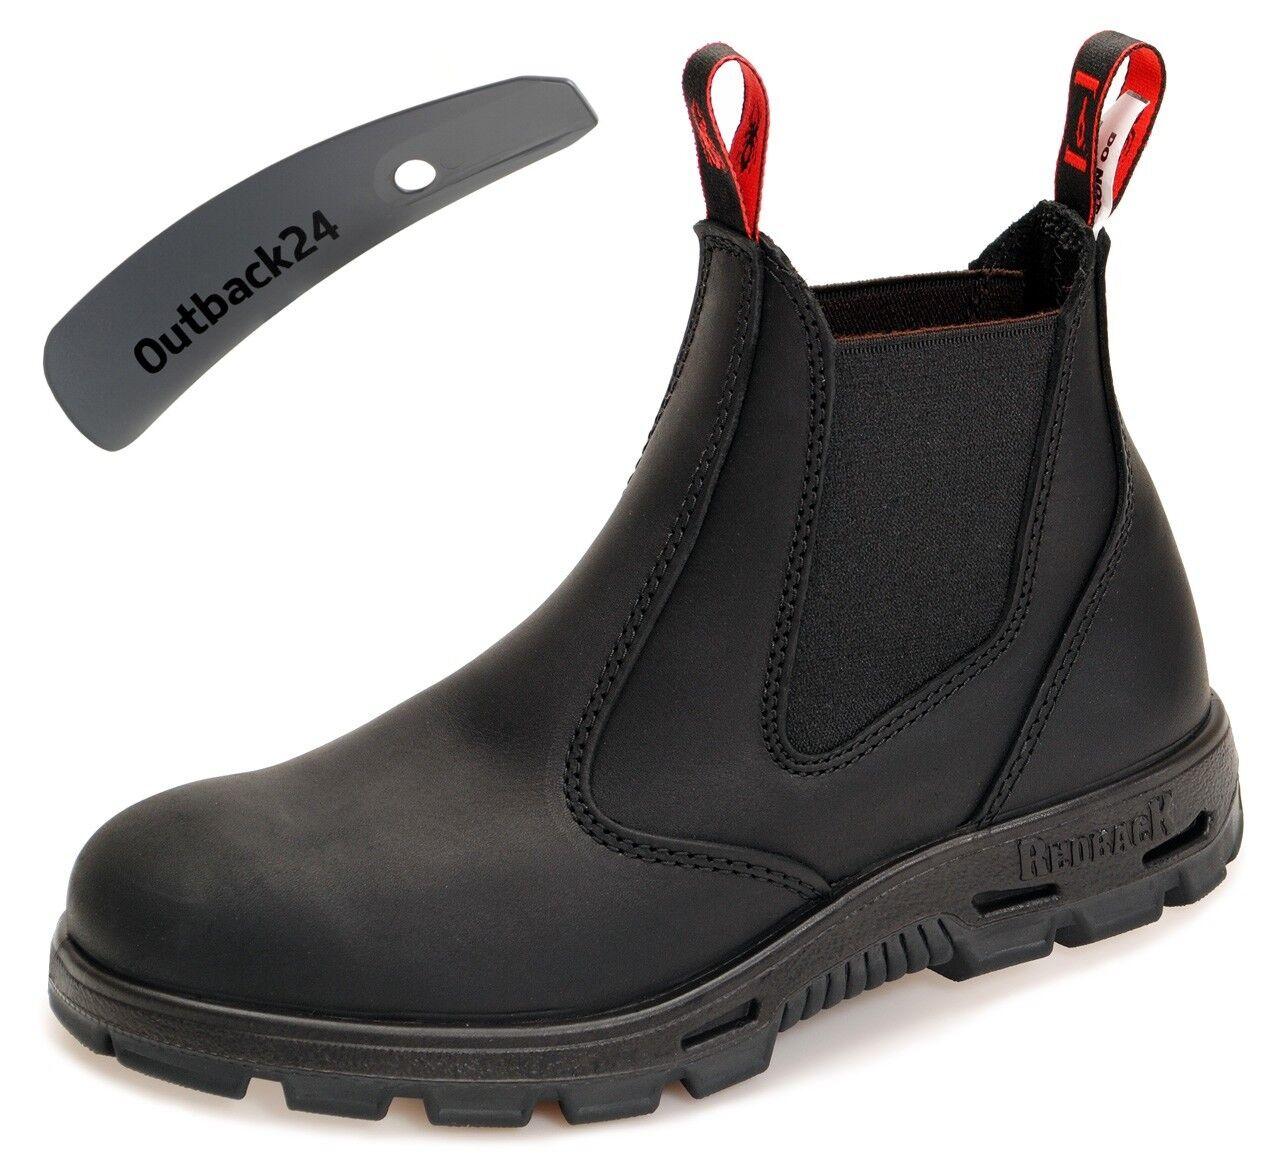 ROTback Safety Stiefel - komplett mit schwarzer Sohle BUSBBK schwarz + Schuhlöffel